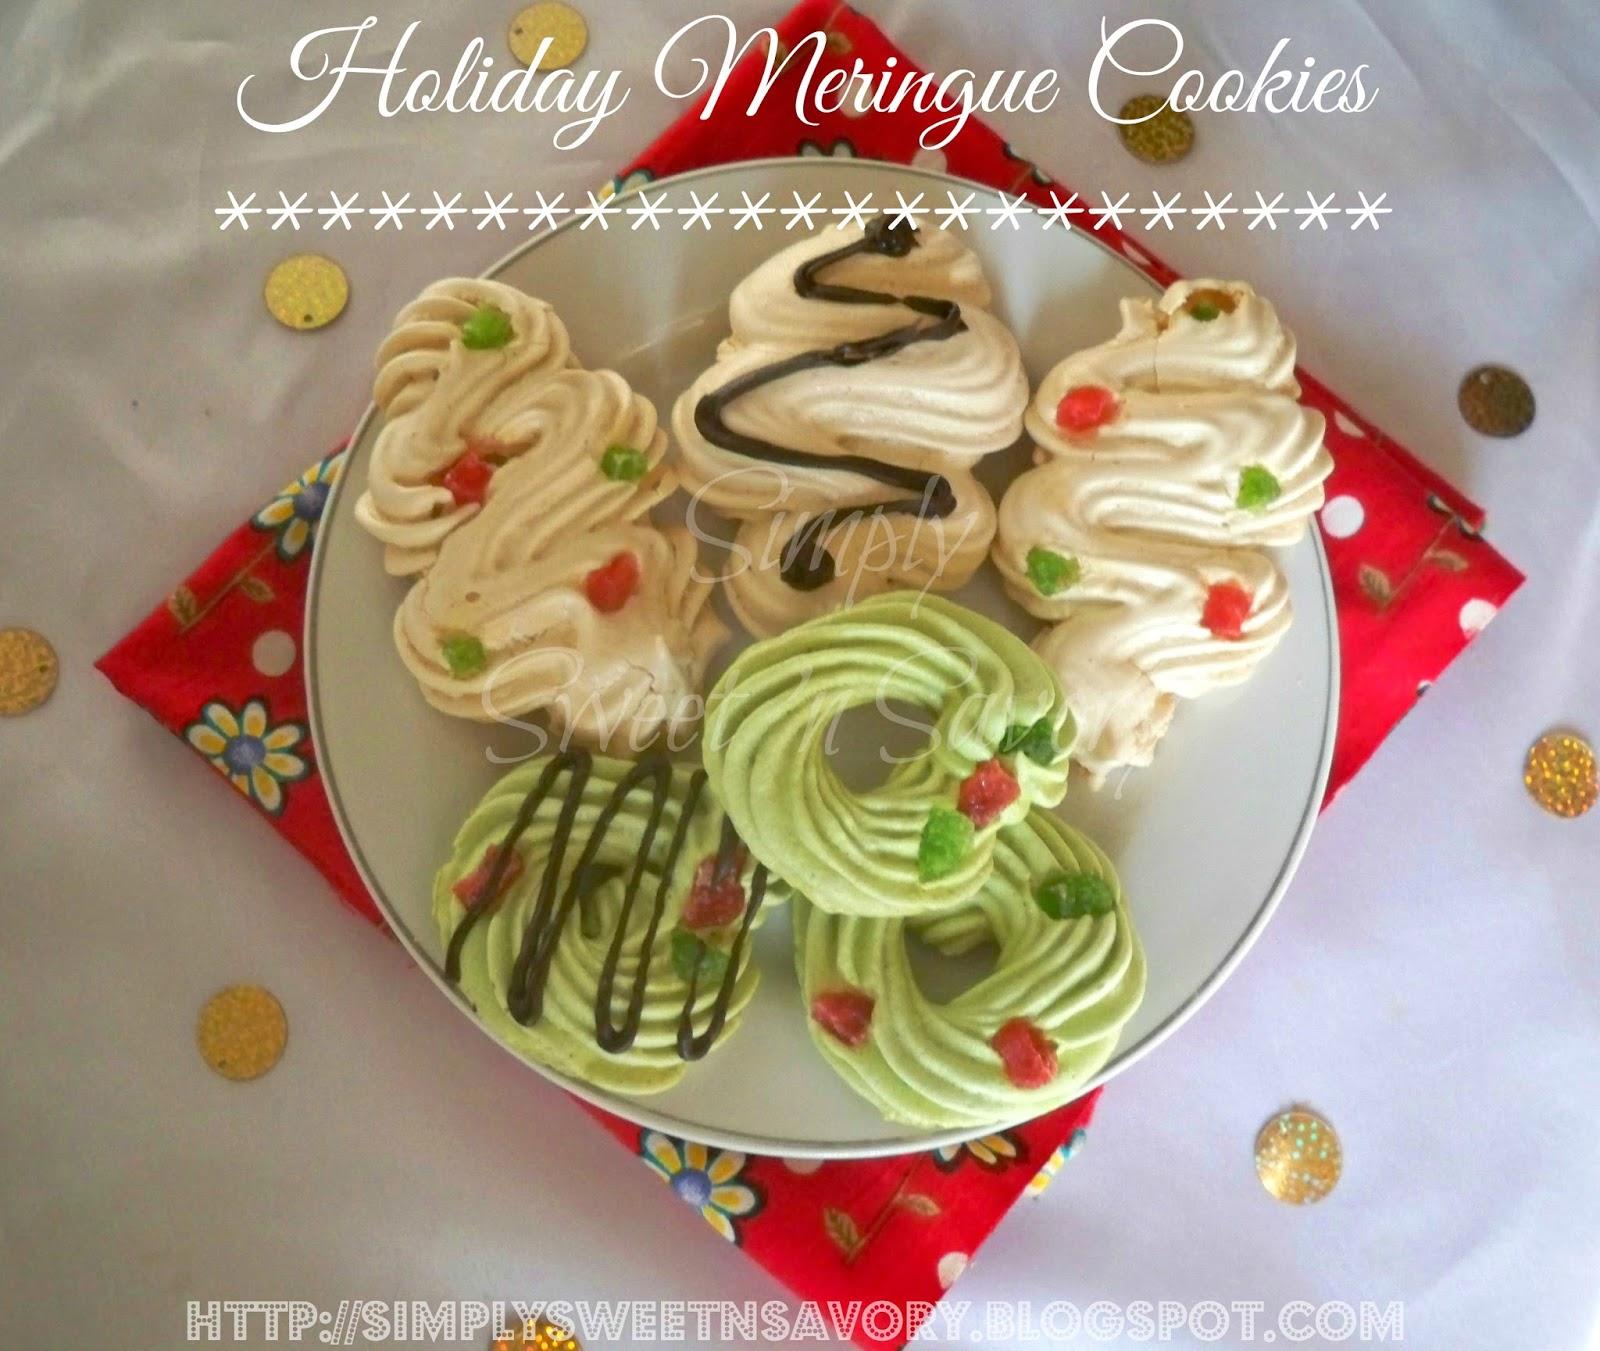 Simply Sweet N Savory Holiday Meringue Cookies